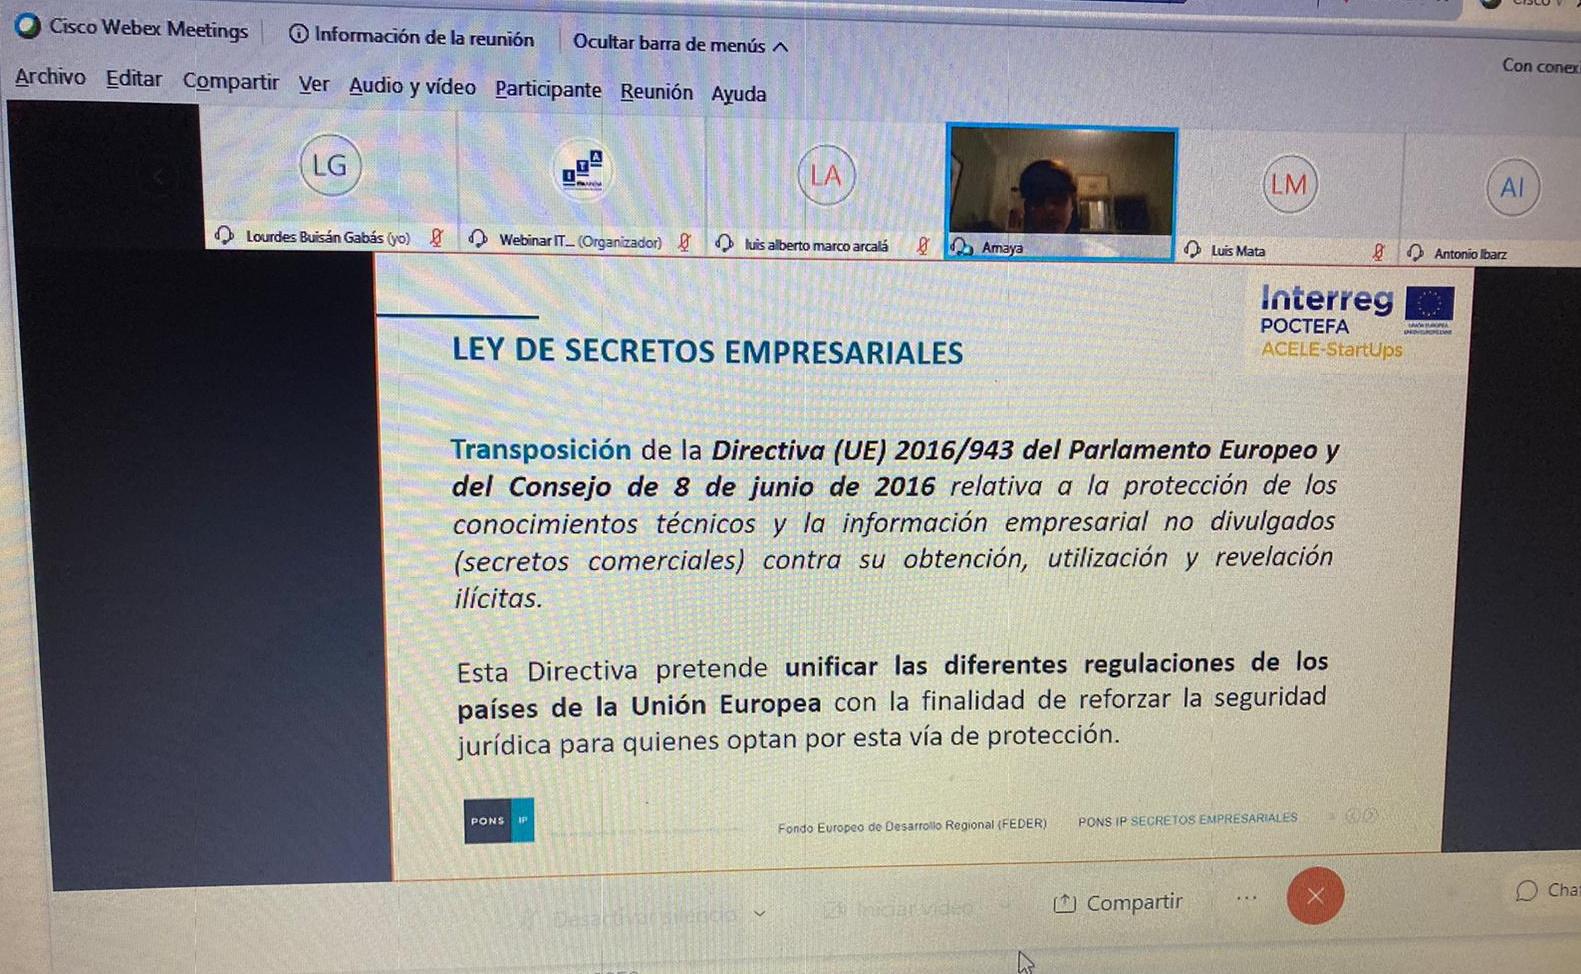 ITAINNOVA organiza un seminario para dar a conocer a las empresas cómo proteger los secretos empresariales